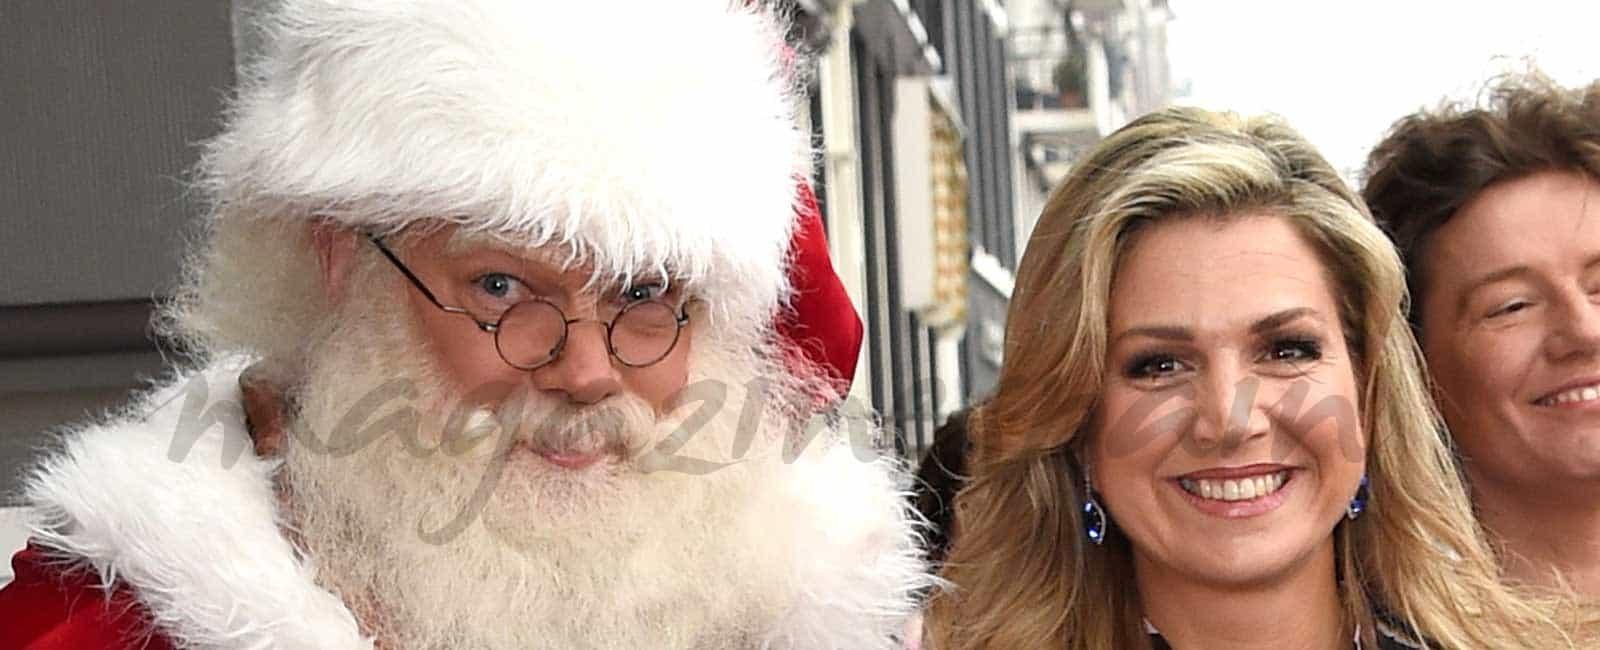 Máxima de Holanda inaugura la Navidad